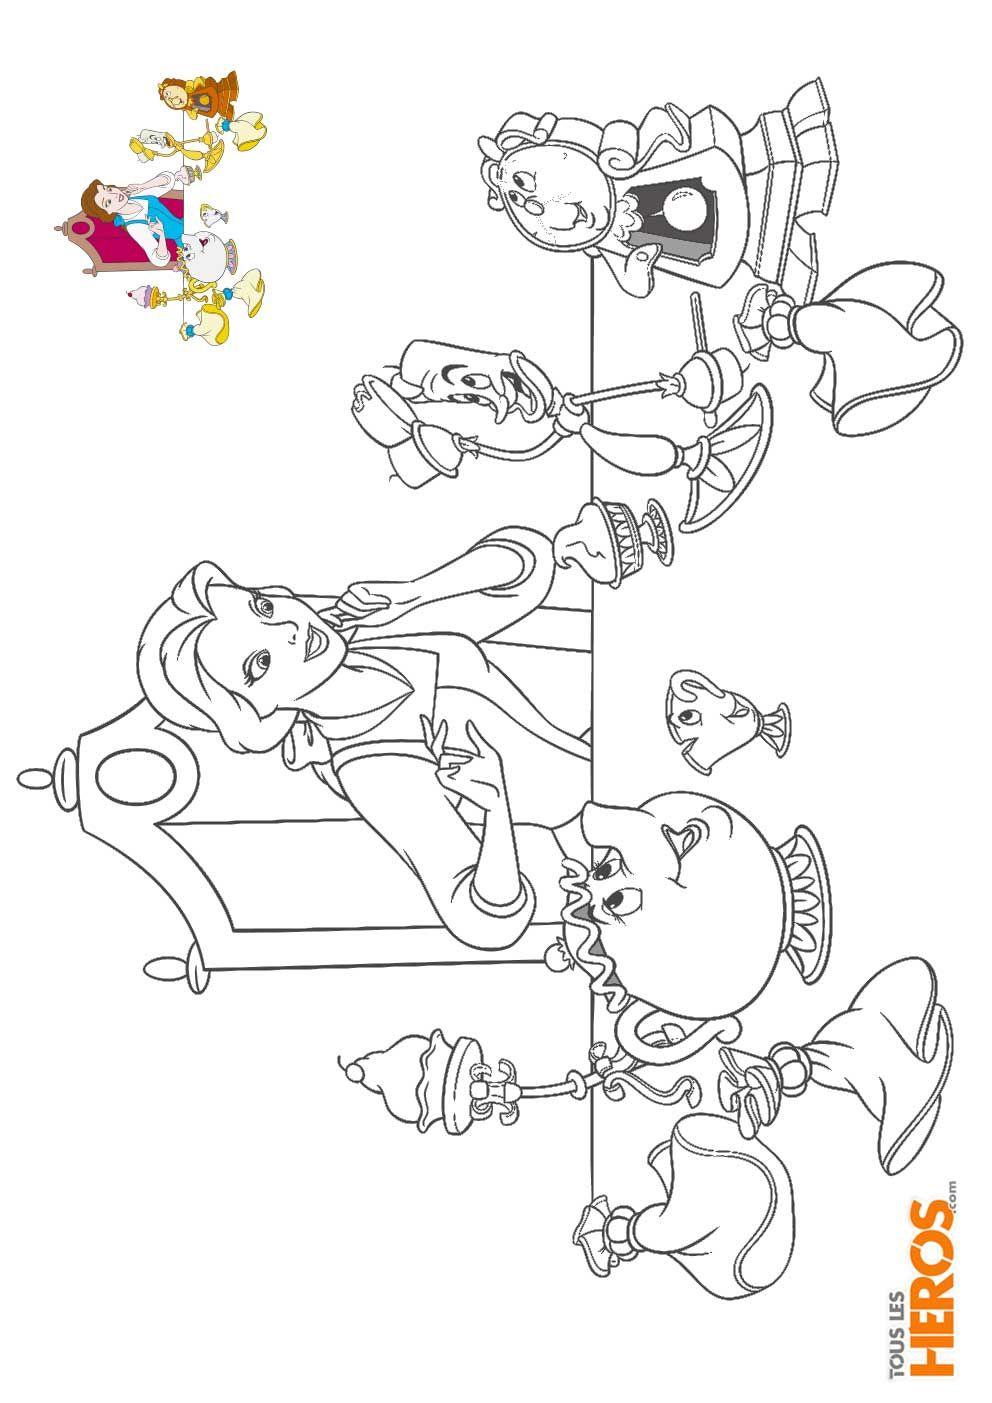 Schöne Ausmalbilder Disney : Cette Semaine Tous Les H Ros Vous Propose D Imprimer Les Coloriages